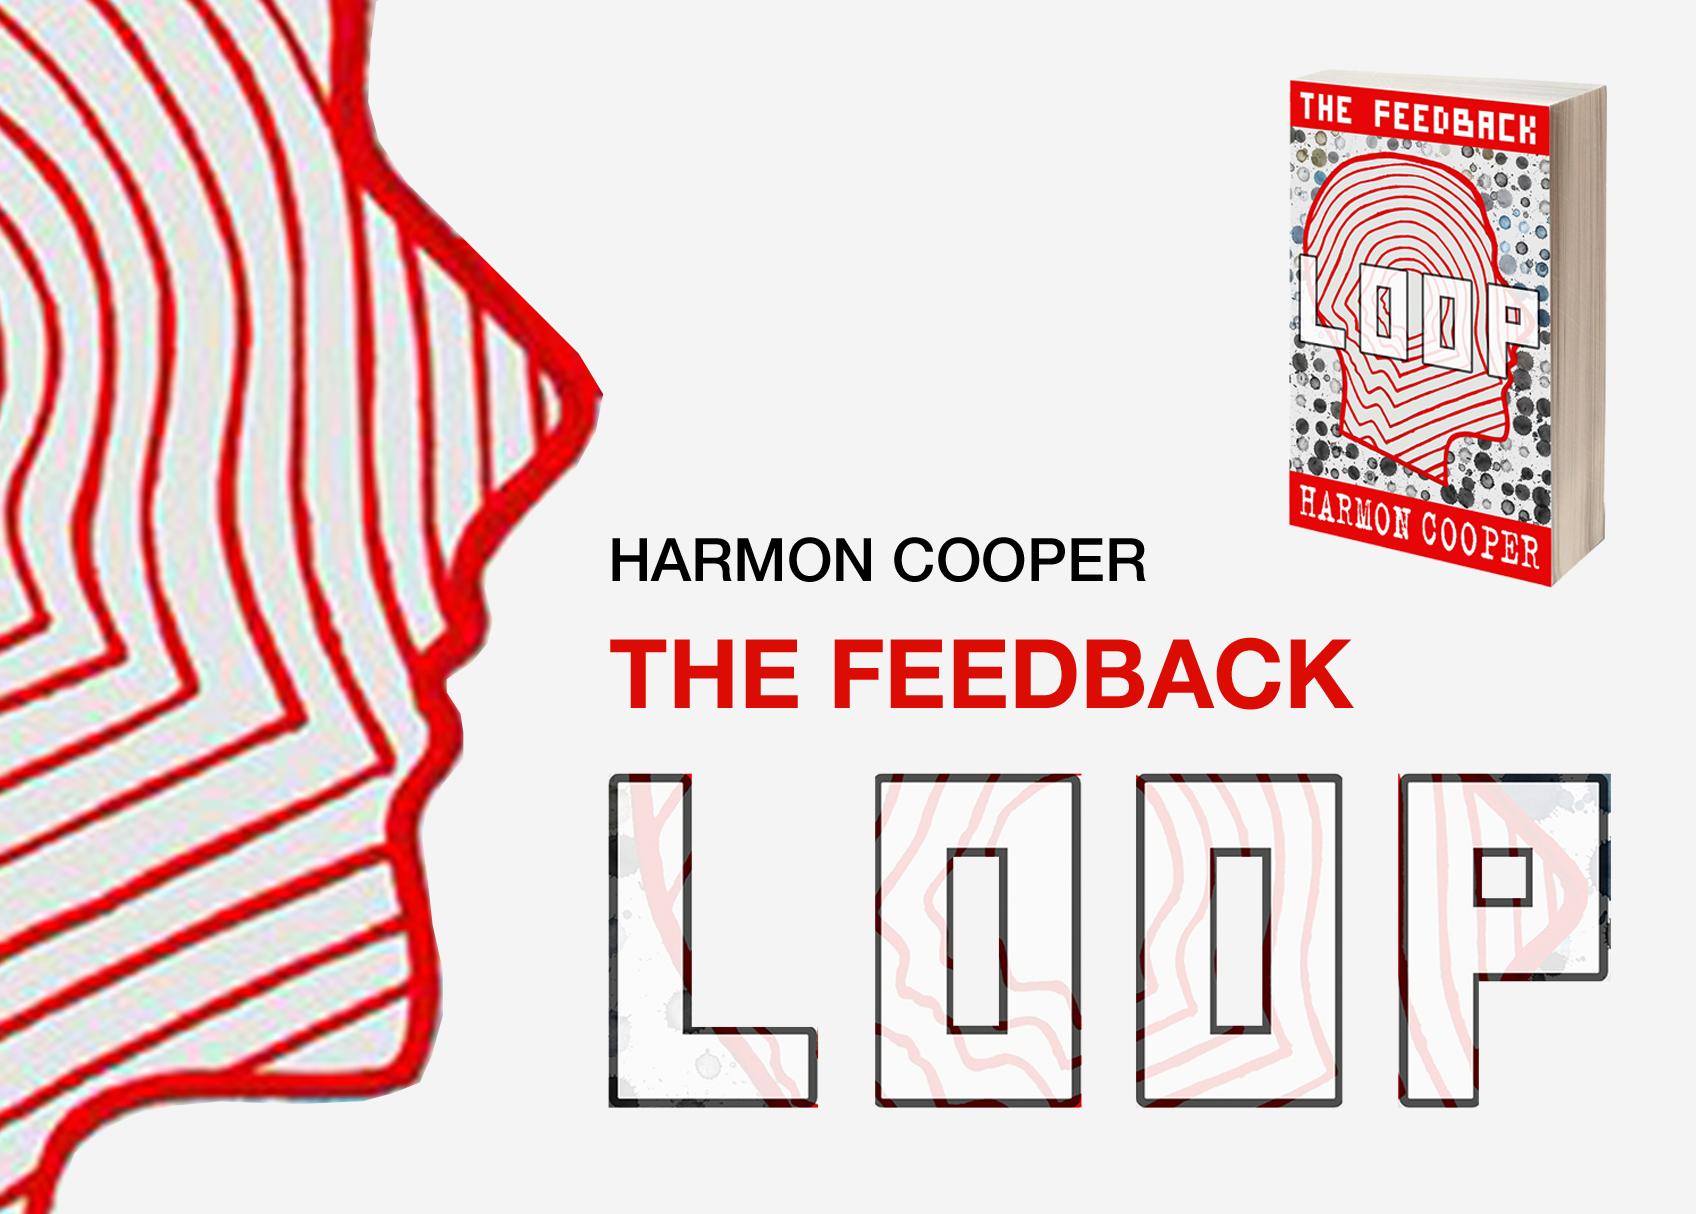 feeback loop